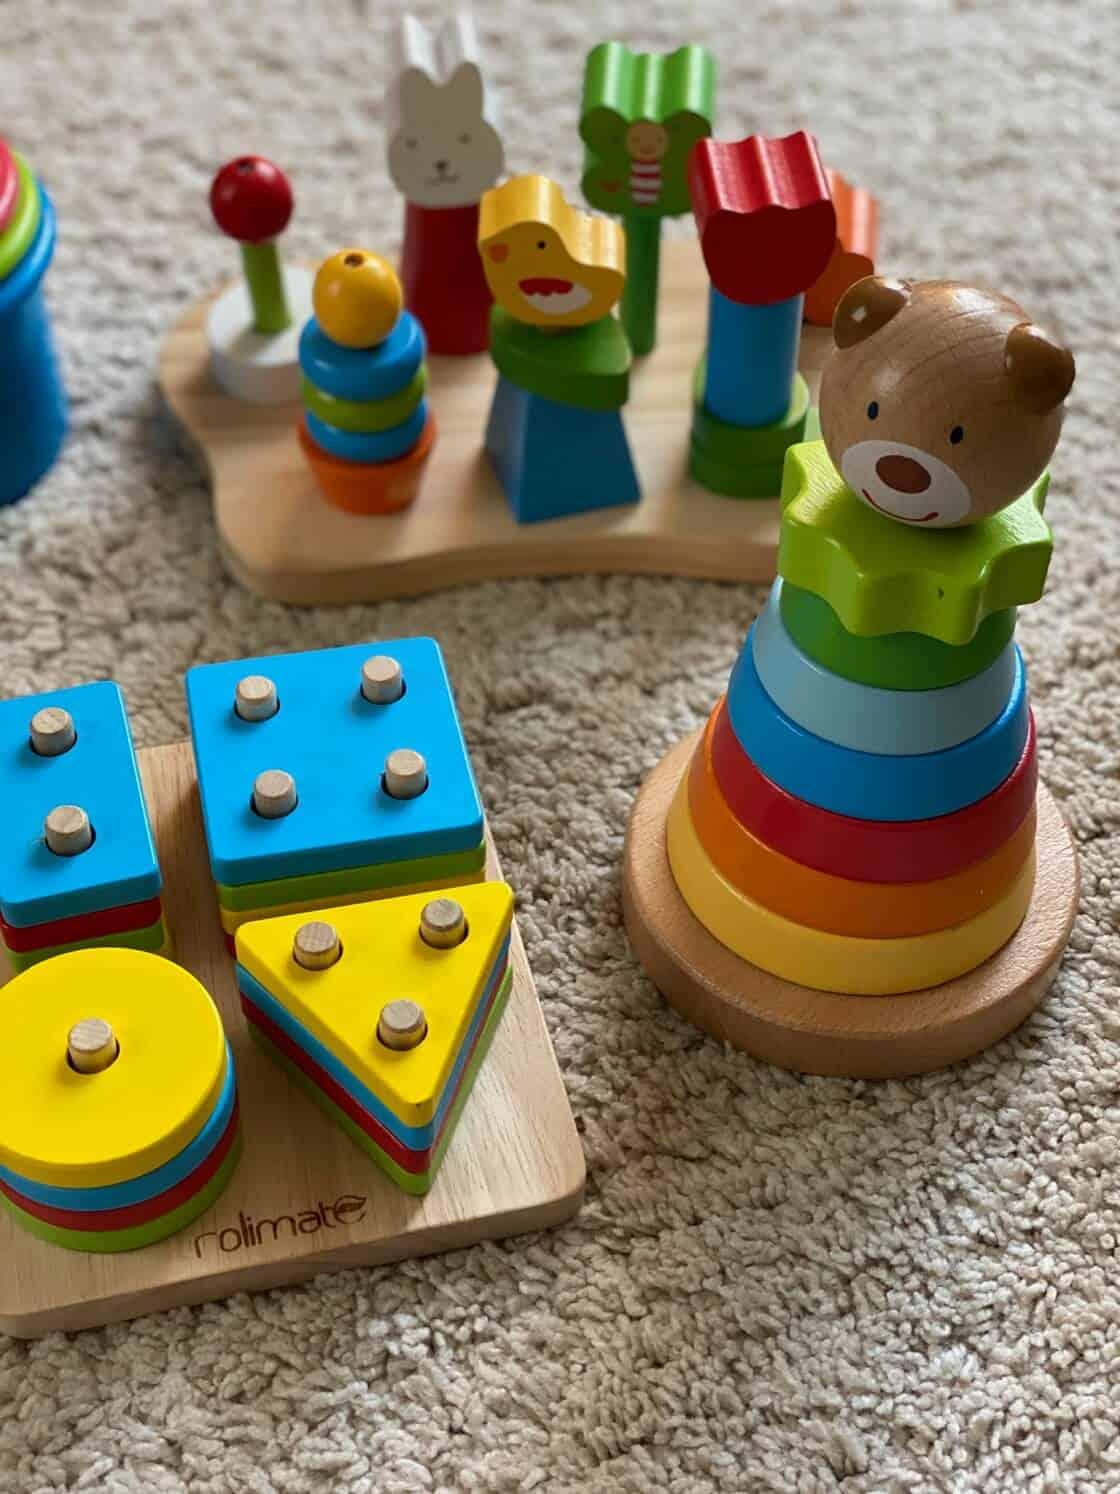 Holzspielsachen ab 12 Monate - Steckspiele aus Holz sind hochwertig, langlebig und machen dem Nachwuchs über eine sehr lange Zeit viel Freude